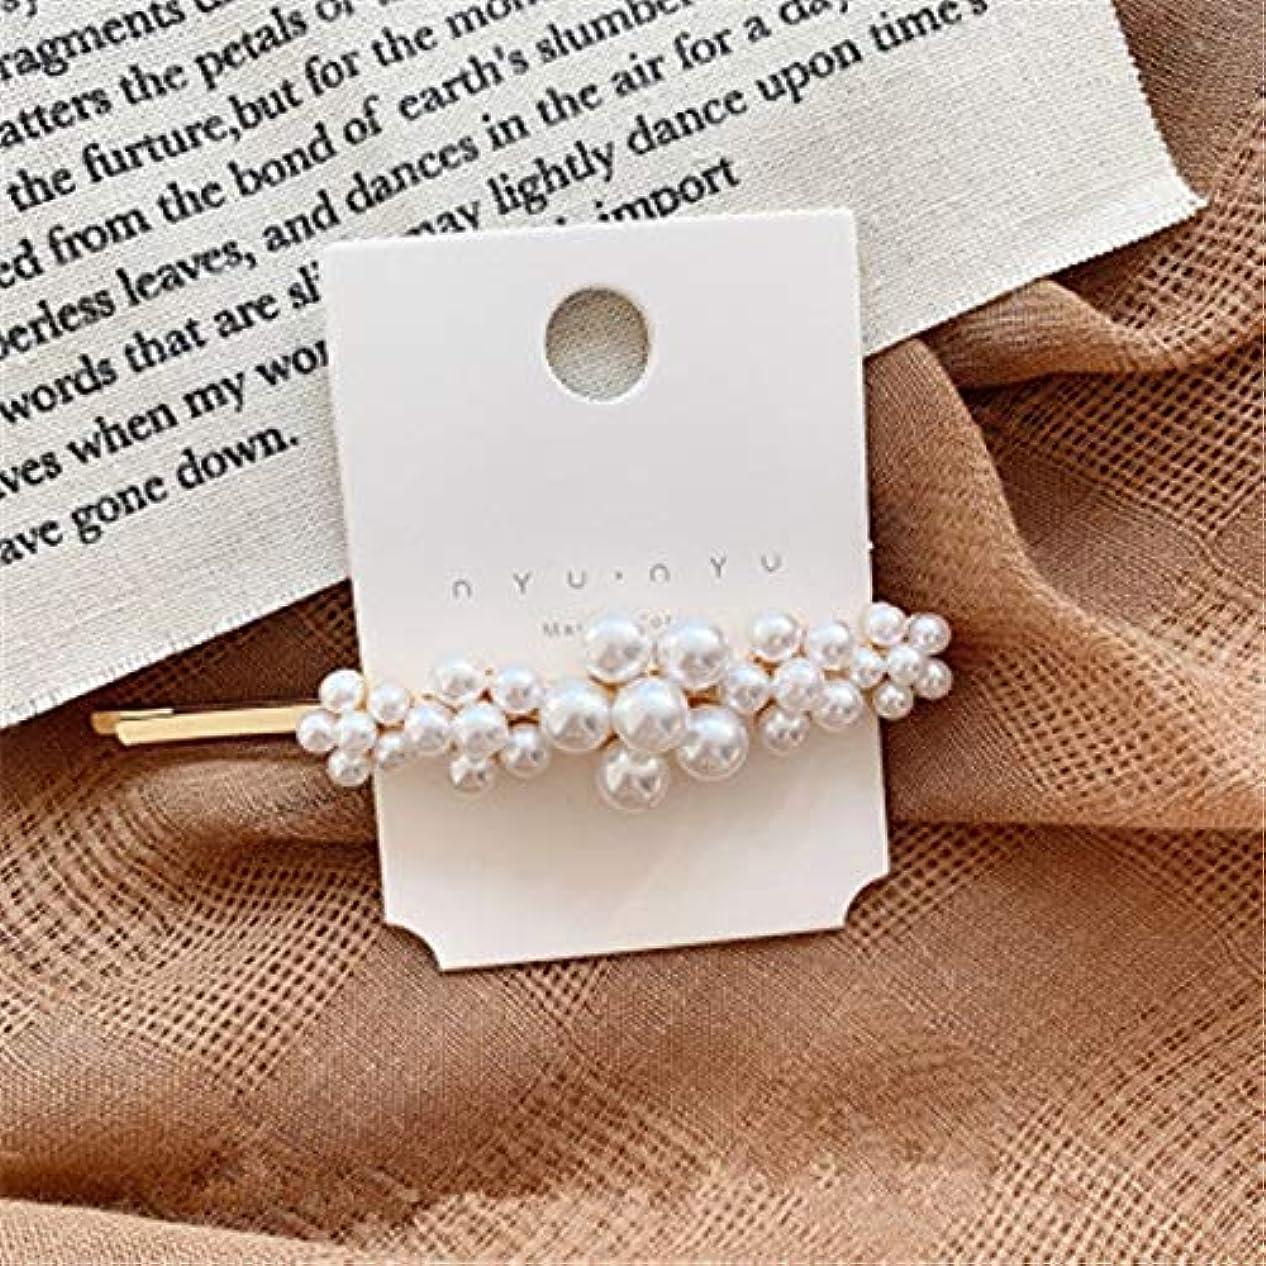 腫瘍達成する離れたHairpinheair Yhm模造真珠の花ヘアピンヴィンテージロングバレットヘアクリップクリスタルメタルヘアアクセサリーヘアグリップ (色 : Color1)